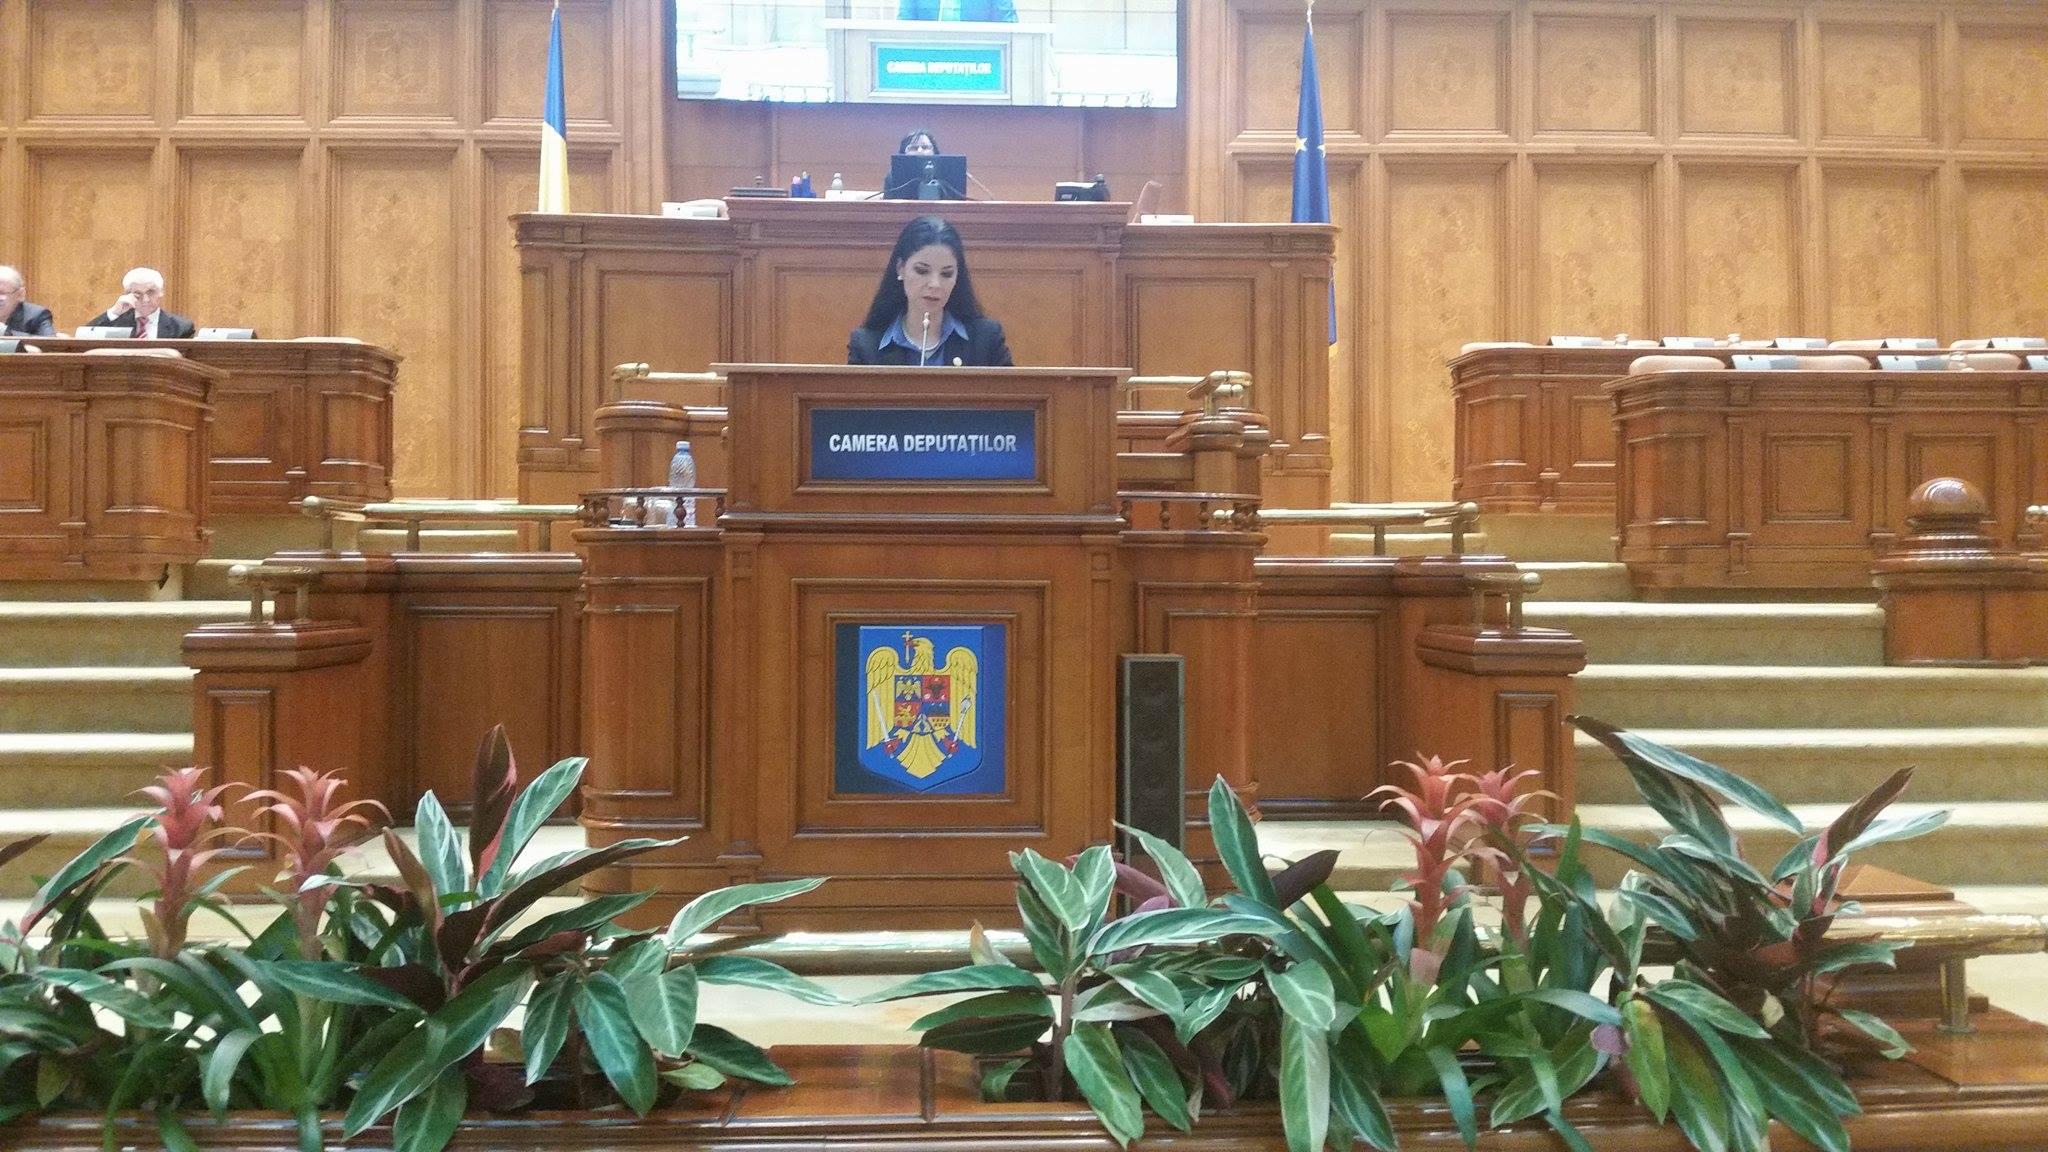 Declaraţie politică referitoare la preşedinţia română a Consiliului UE în primul semestru al anului 2019